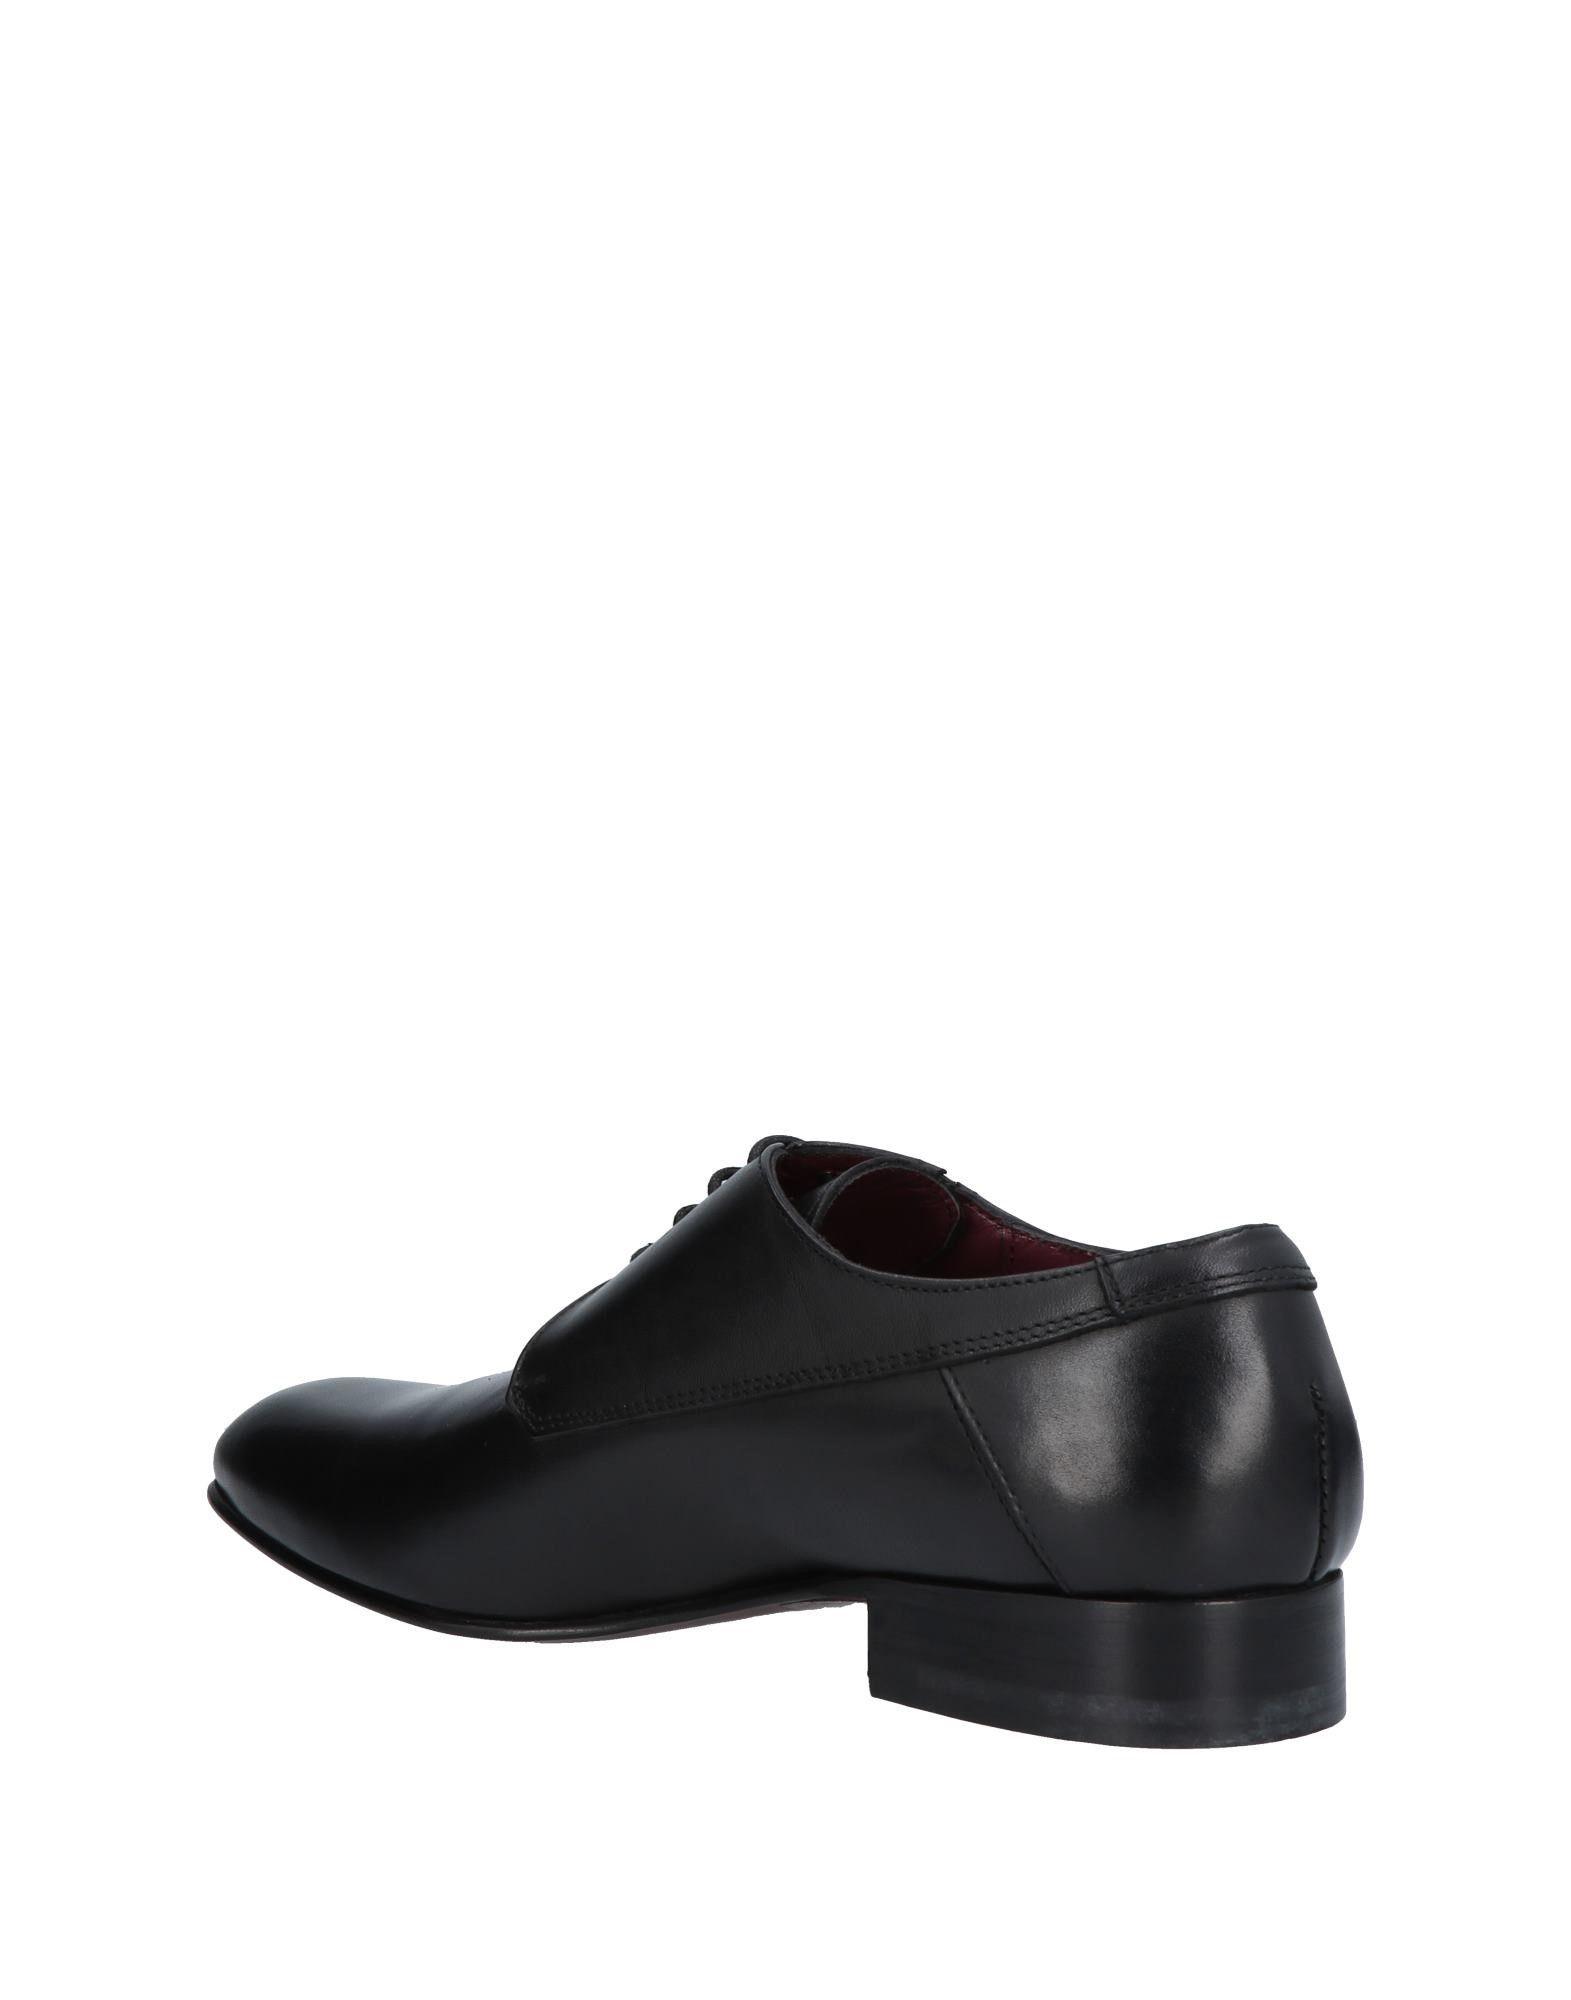 Alexander Trend Schnürschuhe Herren  11429249LK Neue Schuhe